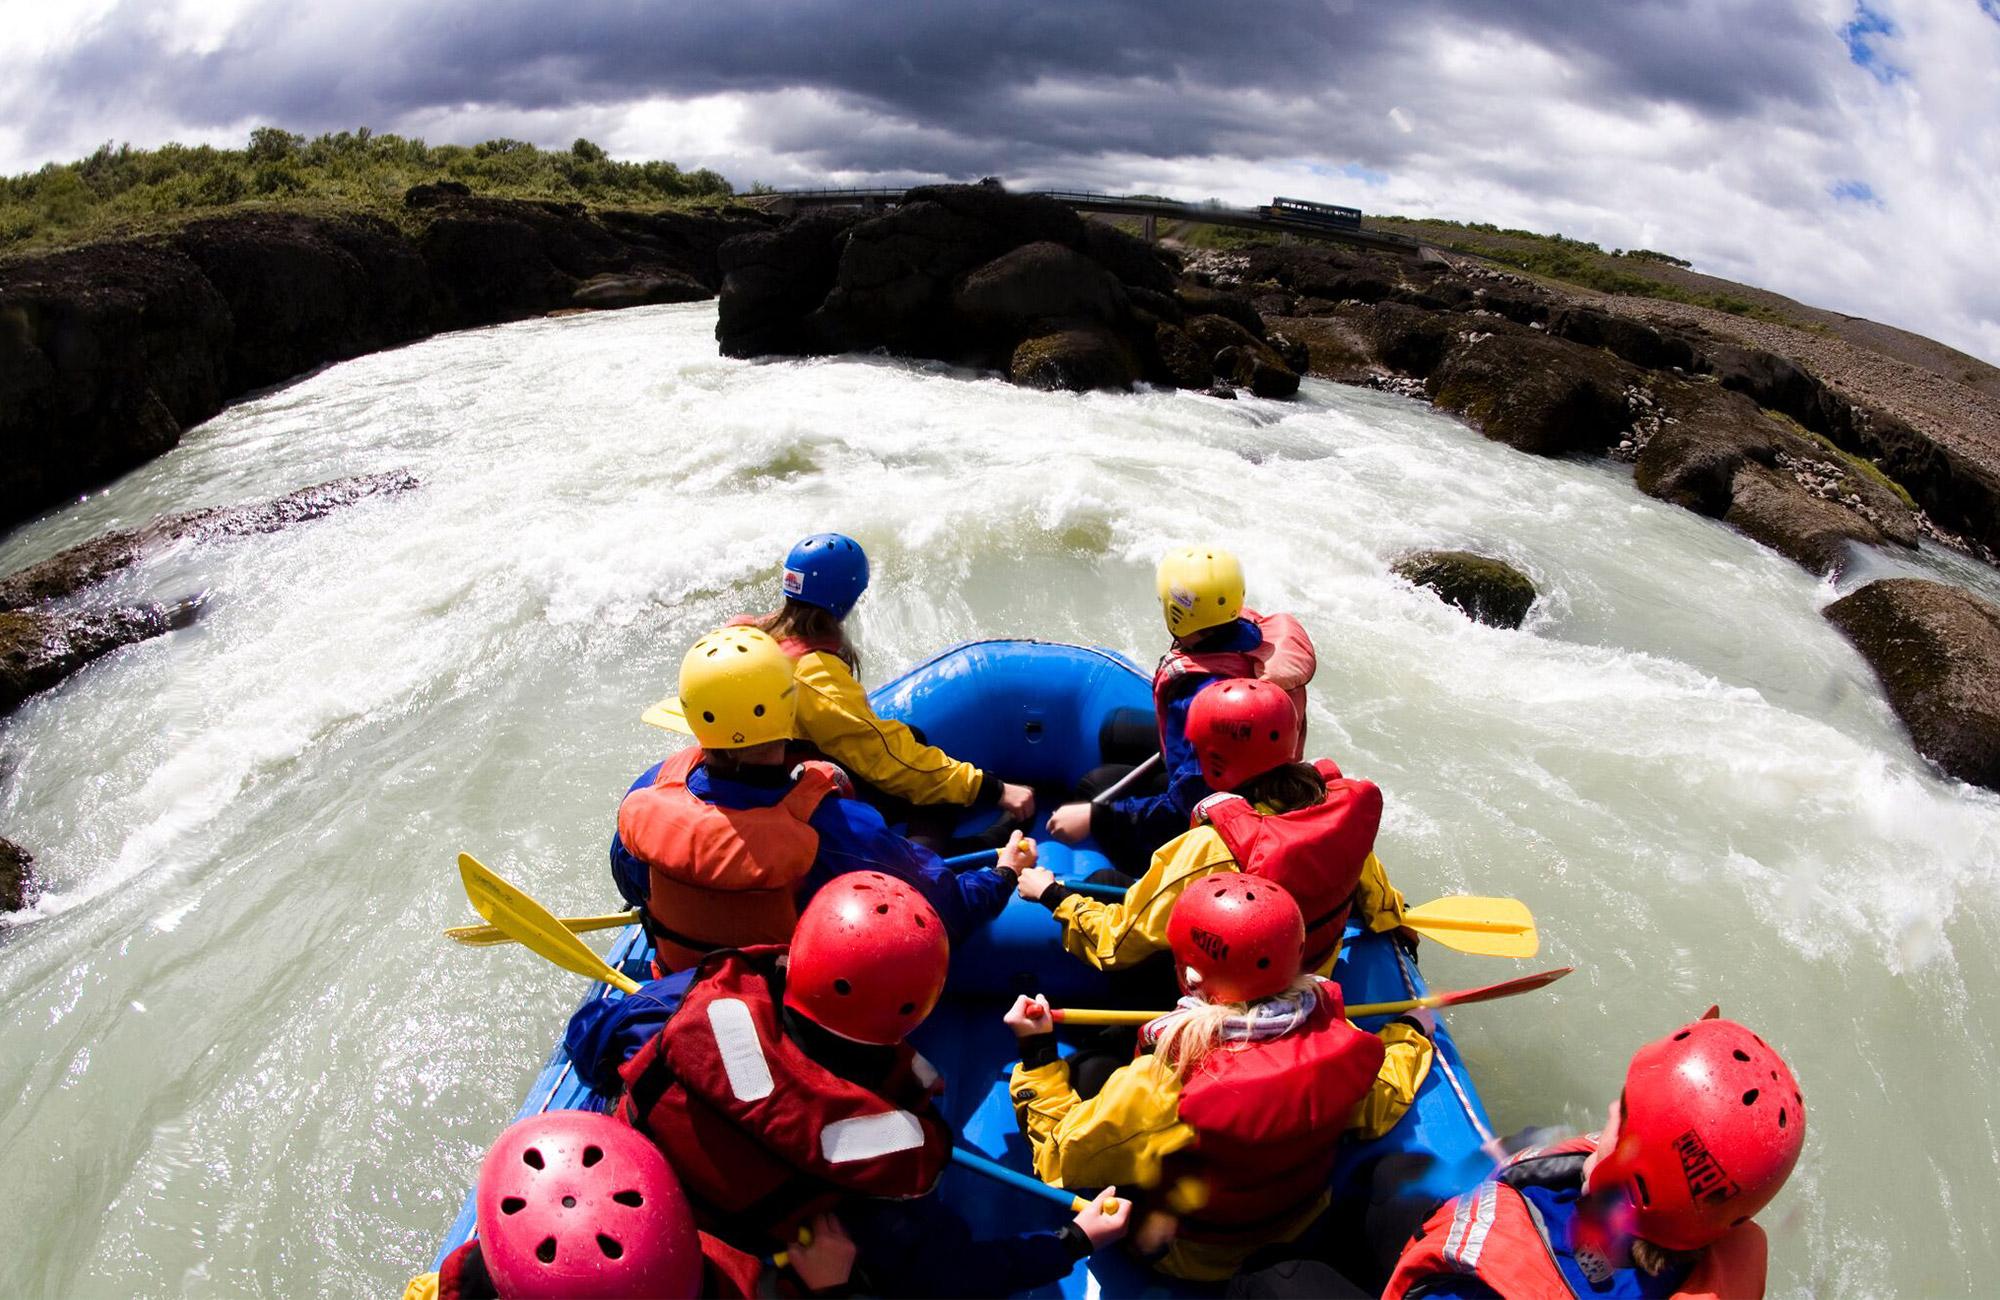 teen adventure rafting trip in iceland